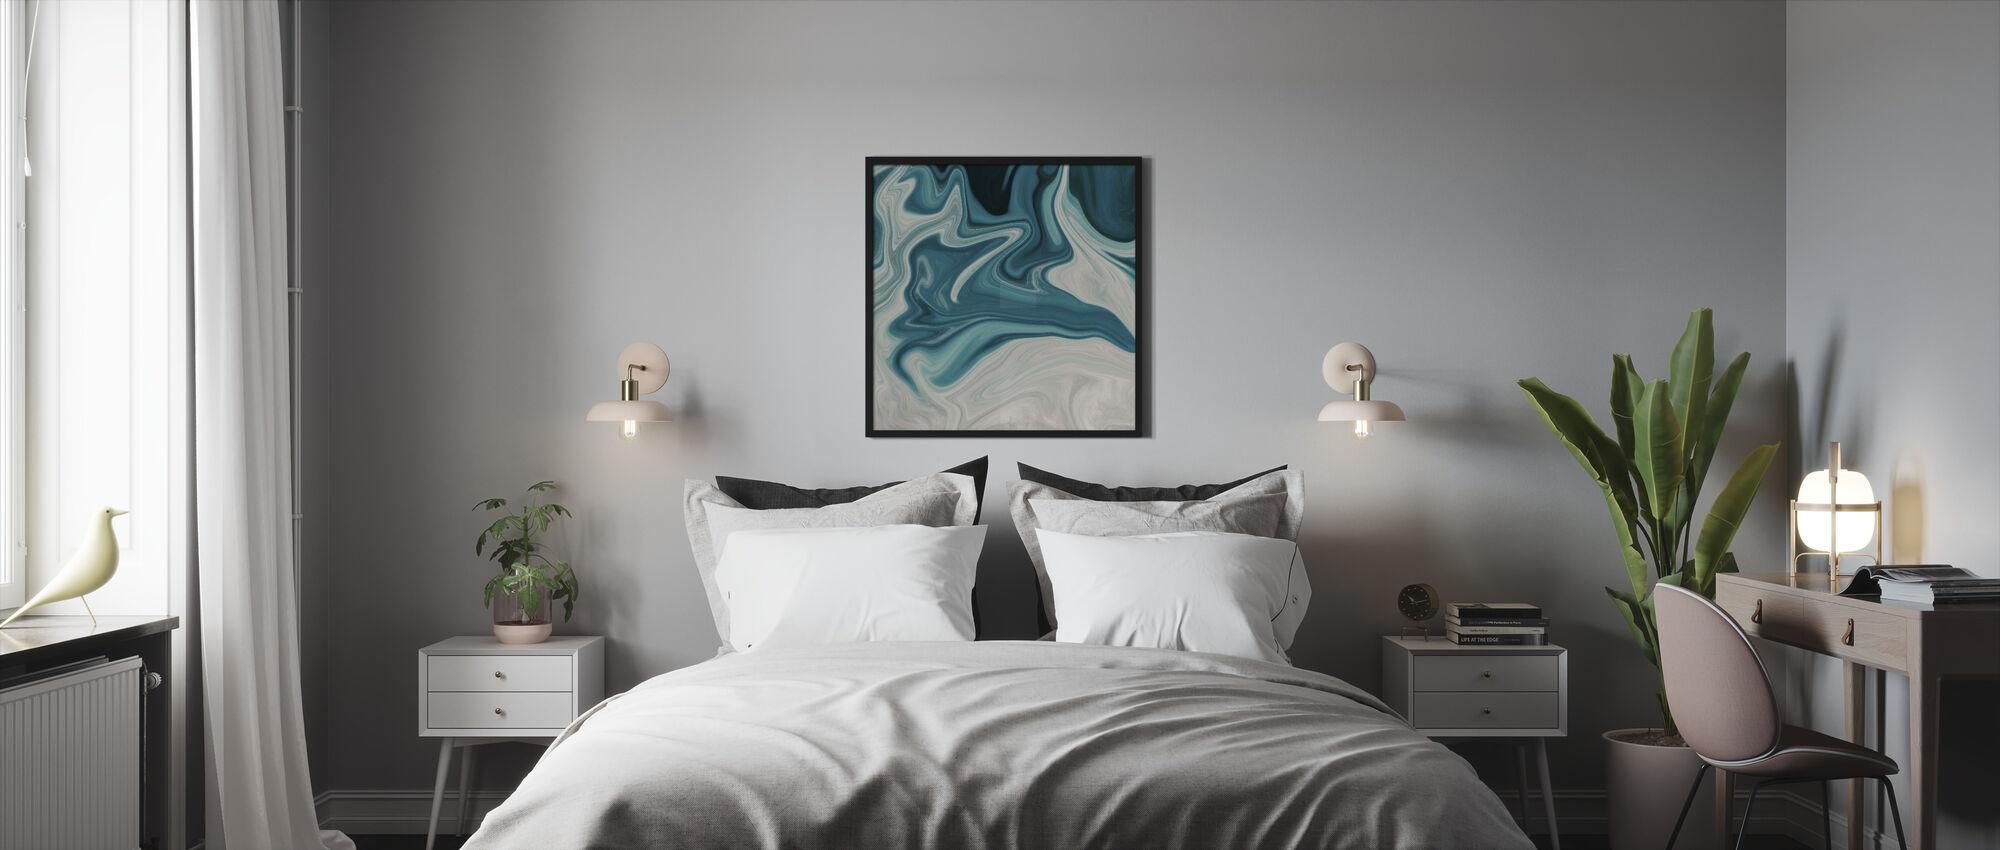 Havet av marmor - Innrammet bilde - Soverom